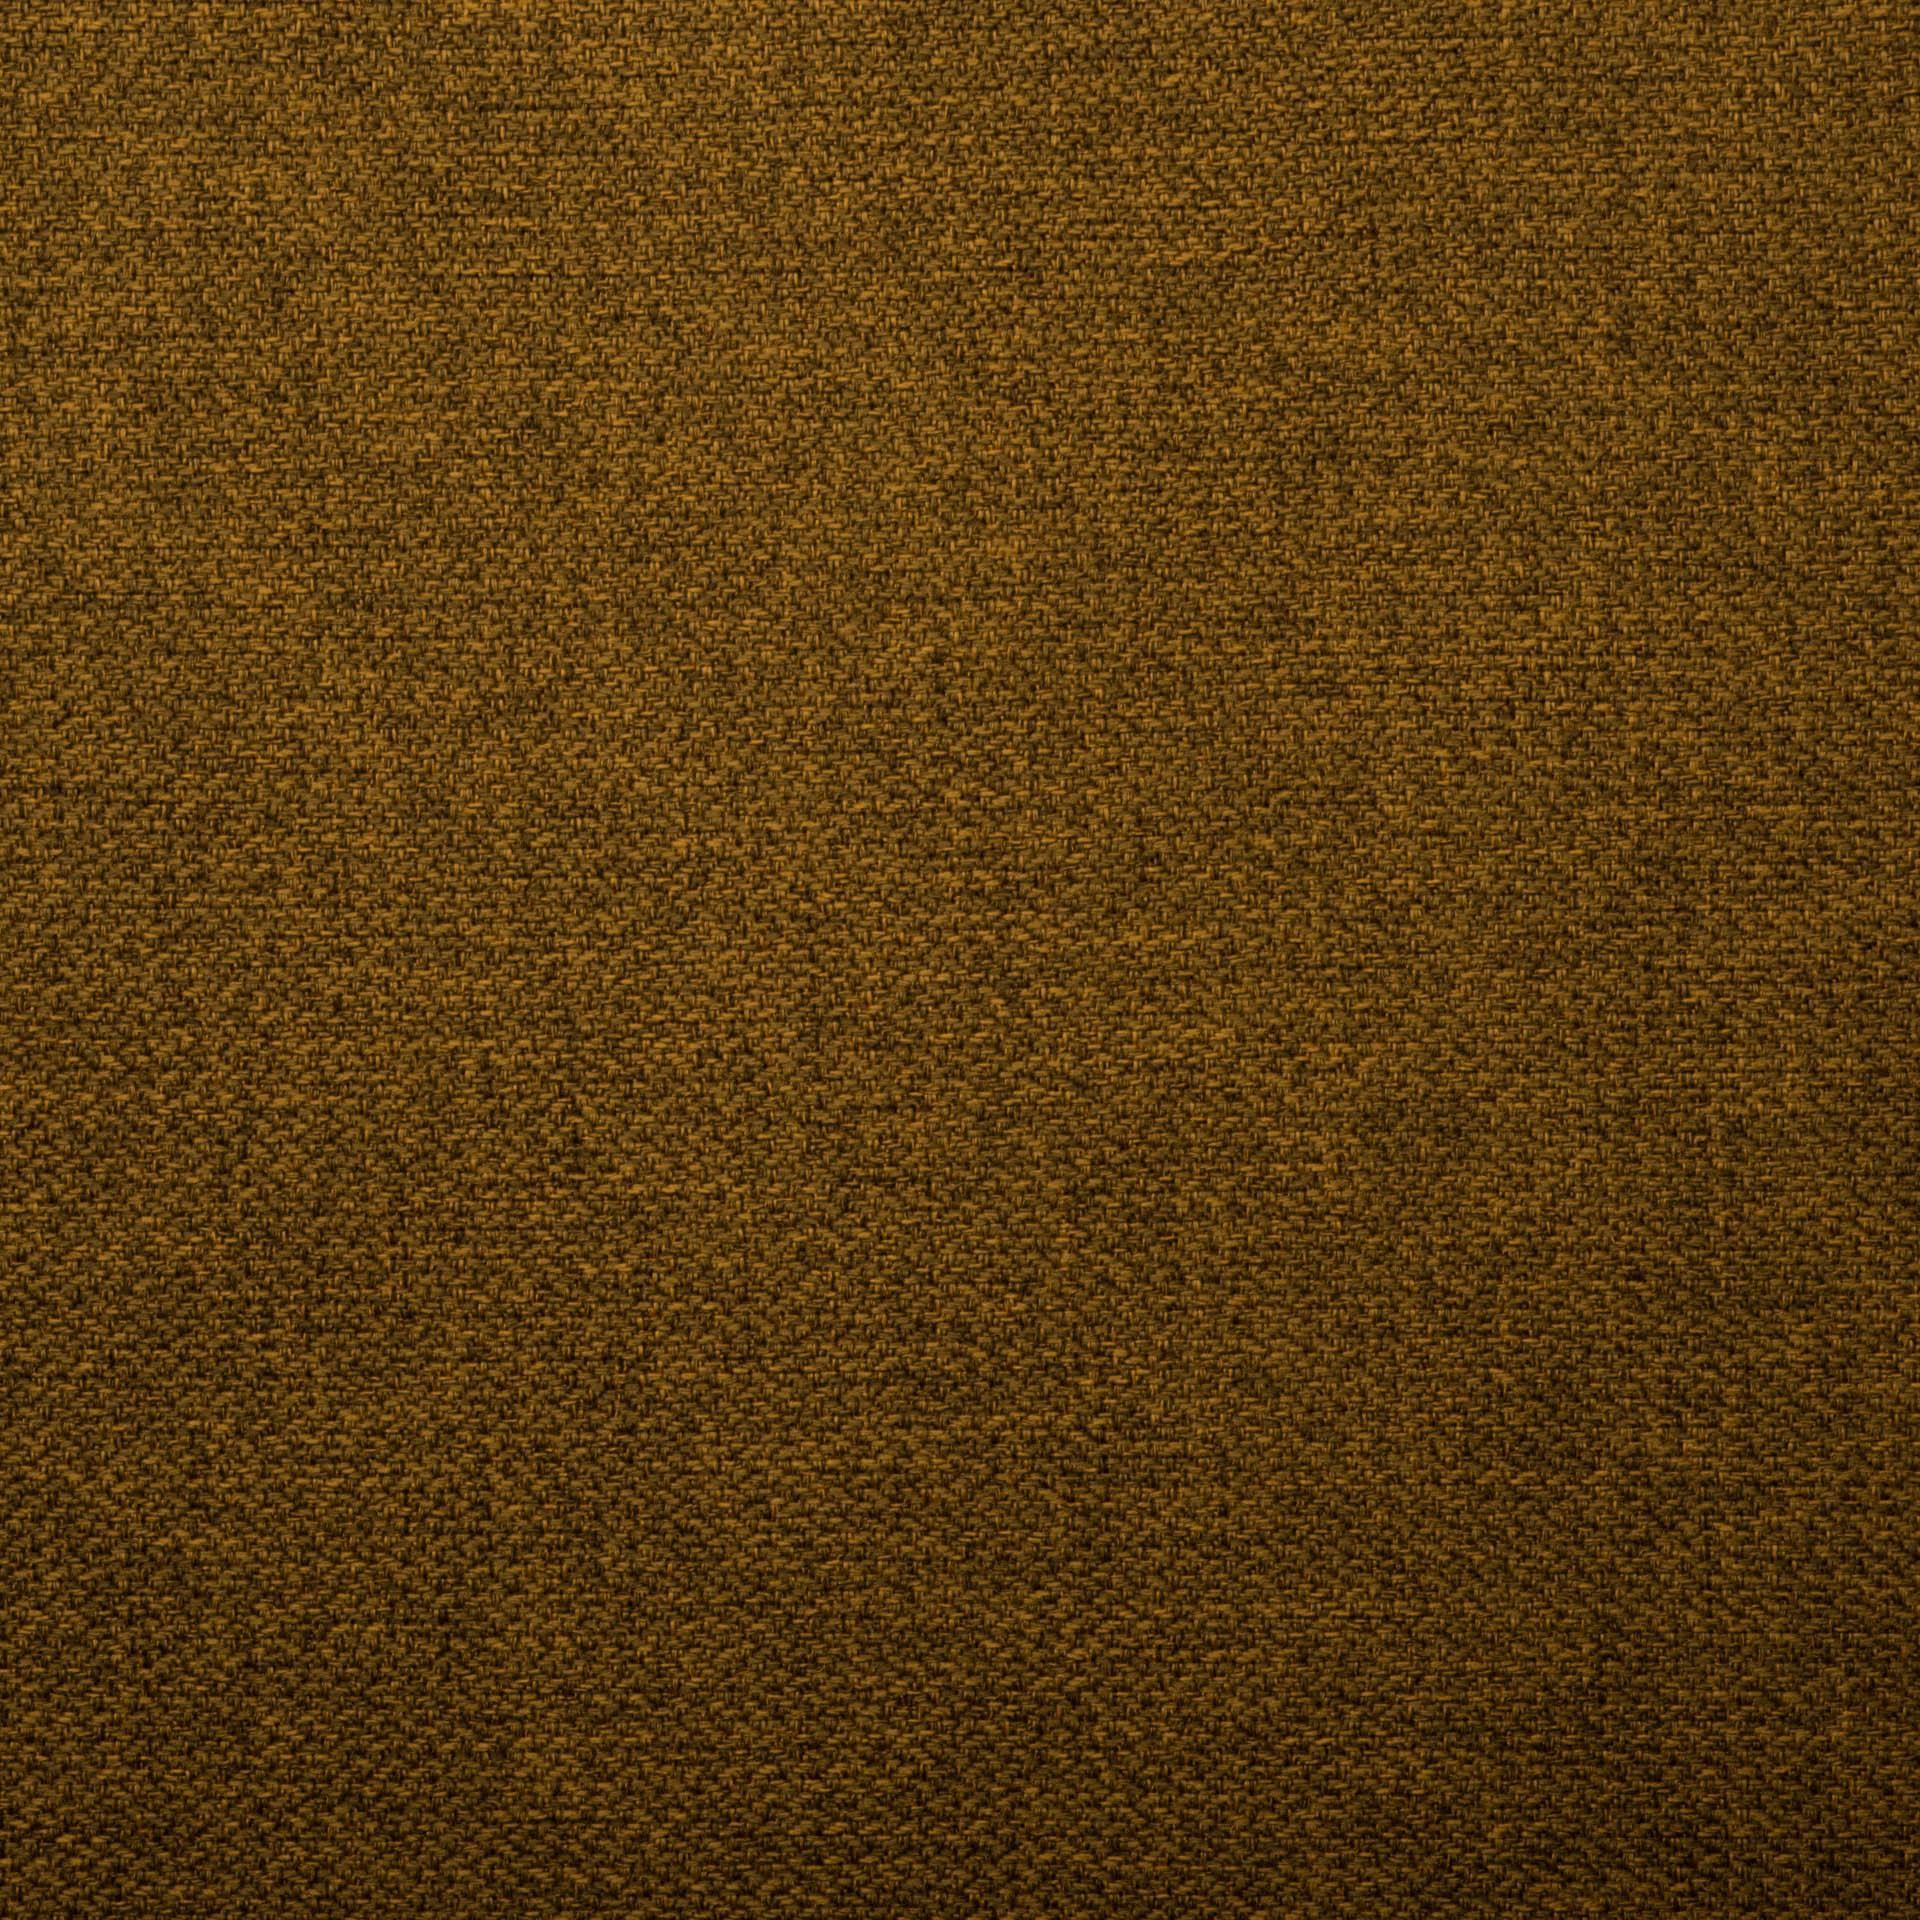 Коллекция ткани Мальмо MUSTARD 41,  купить ткань Жаккард для мебели Украина